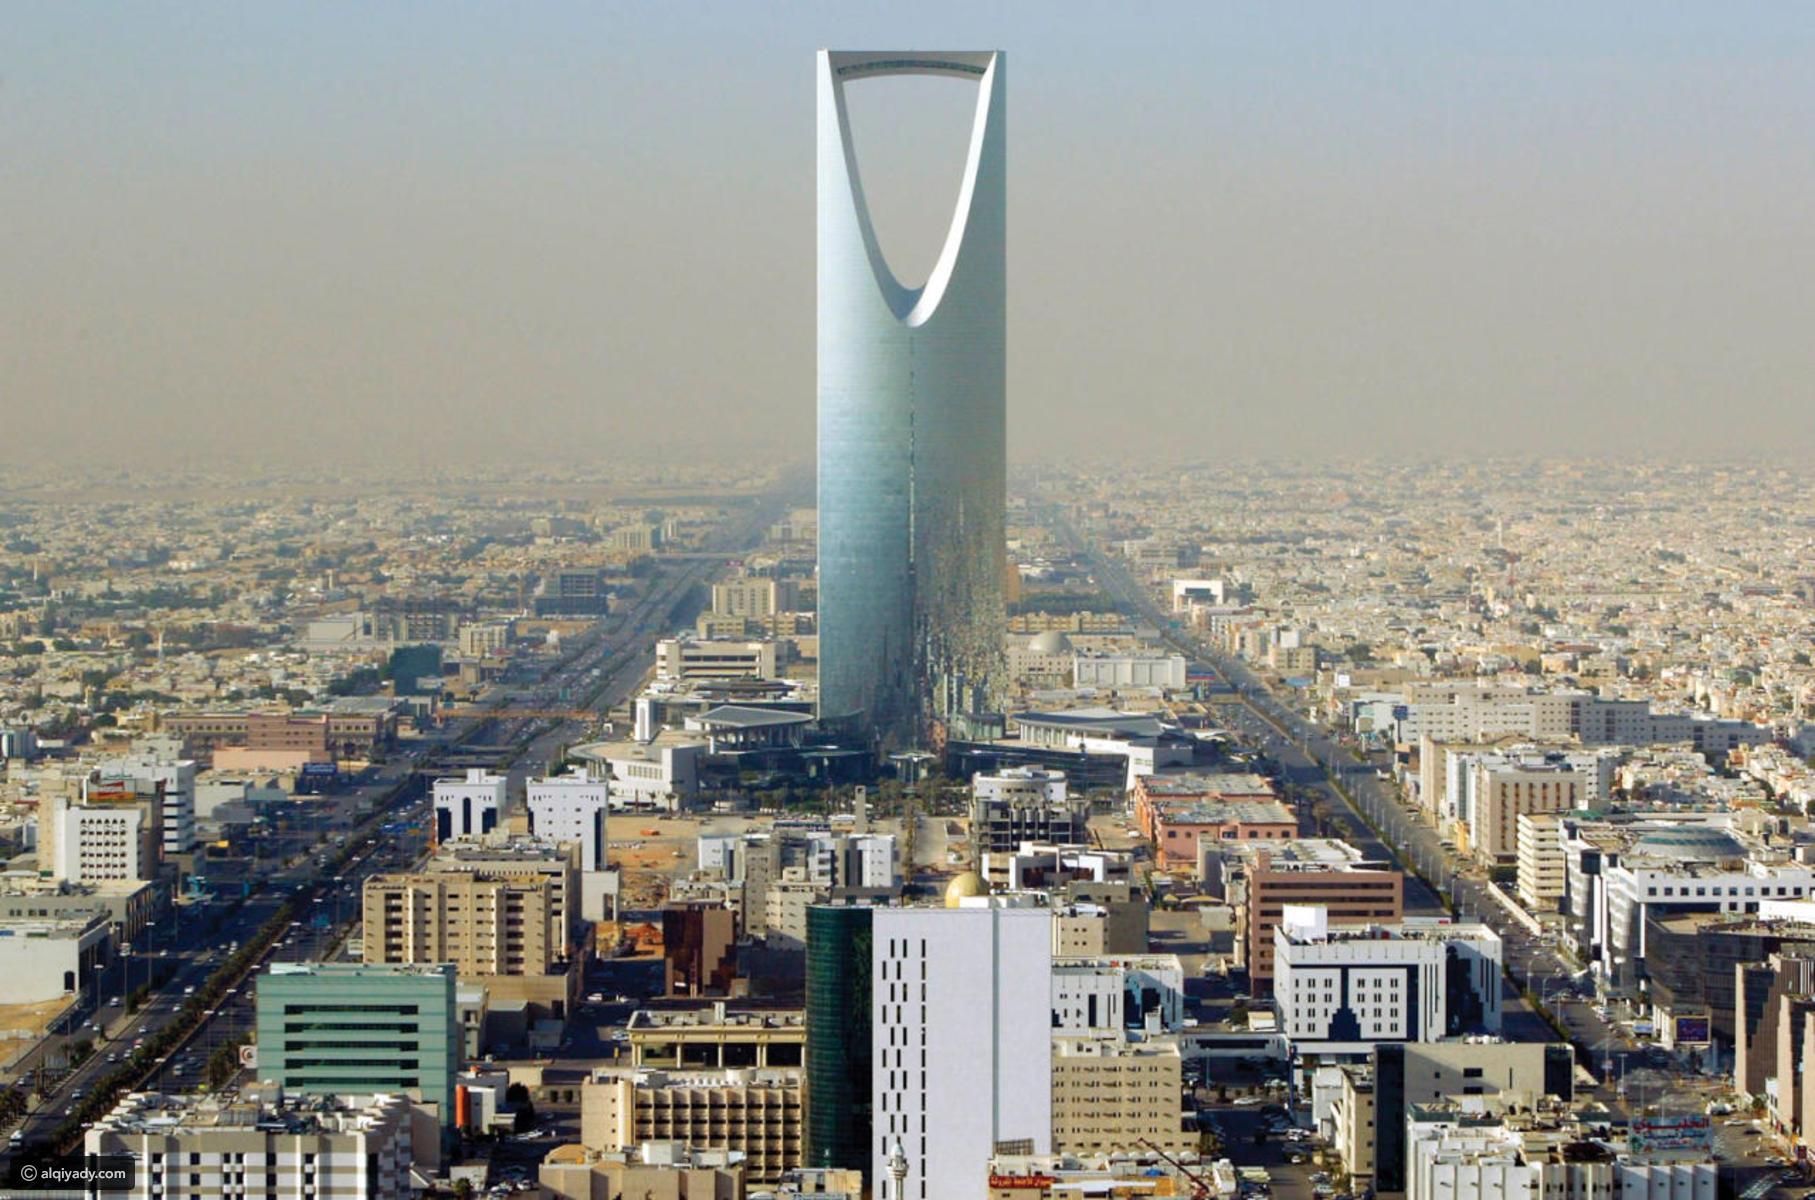 بالصور صور سعوديه , المملكة العربية السعوديه 1159 6